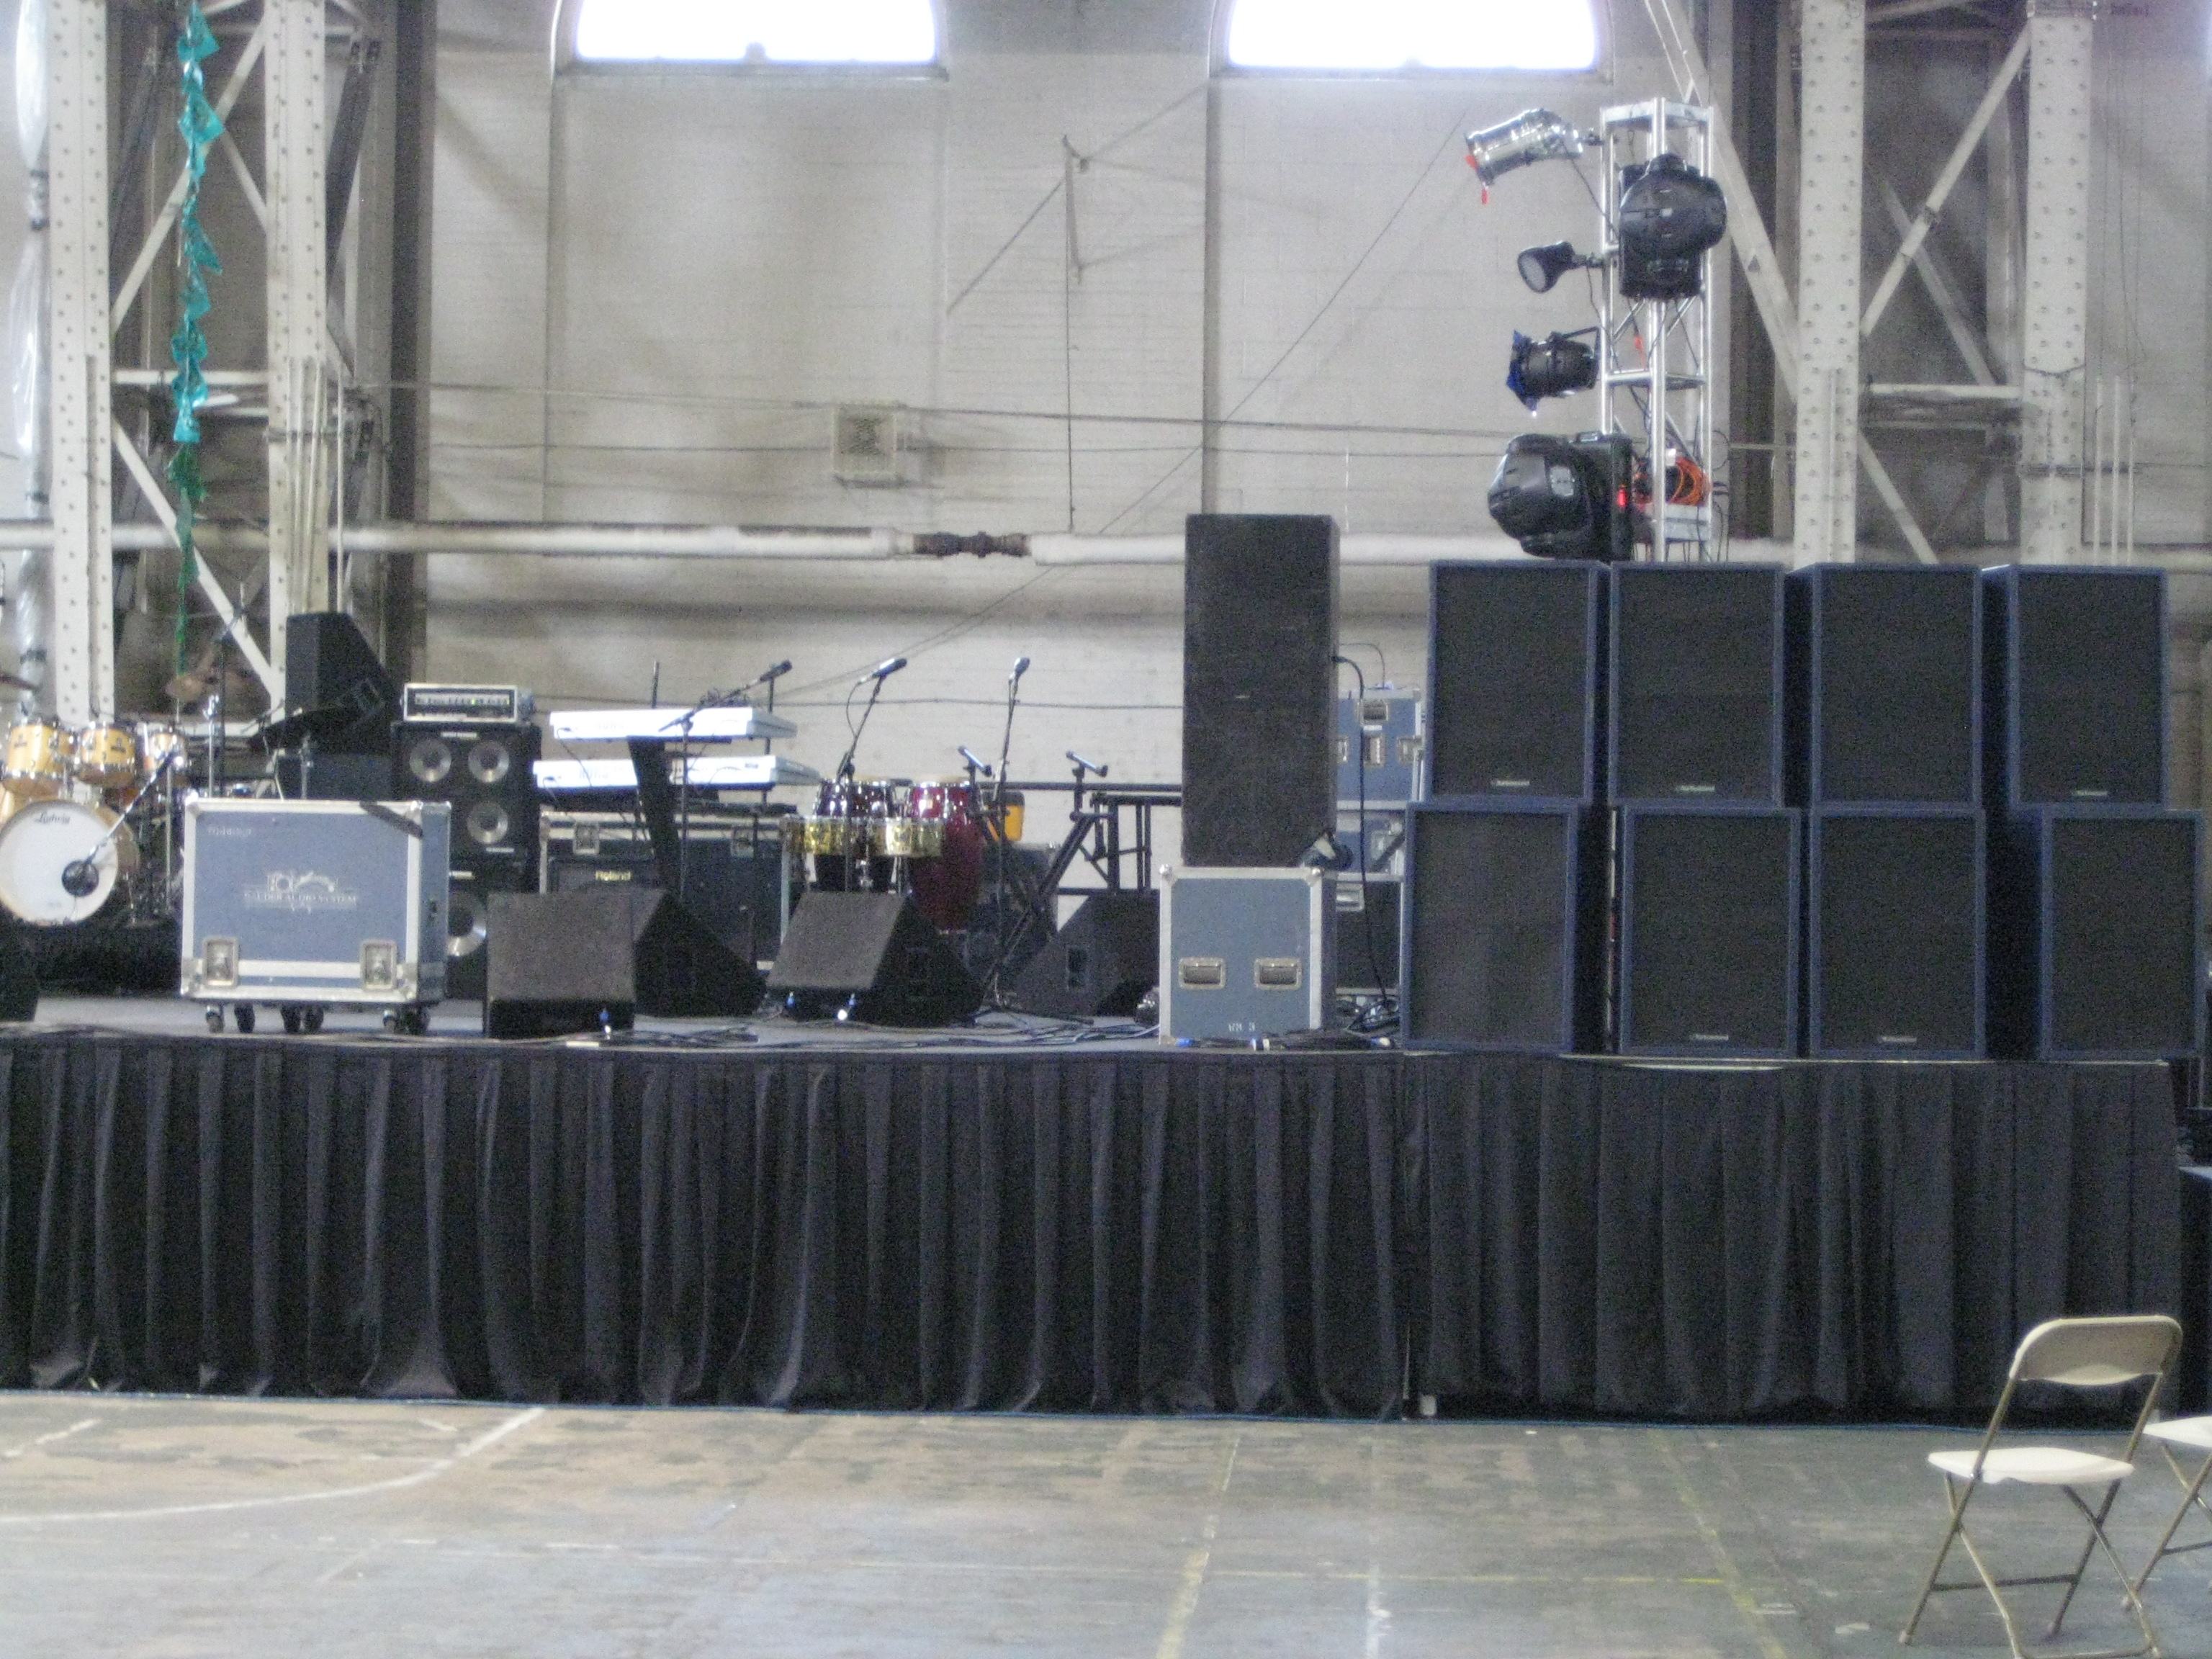 Concert Equipment Rentals A V Rental Services Inc